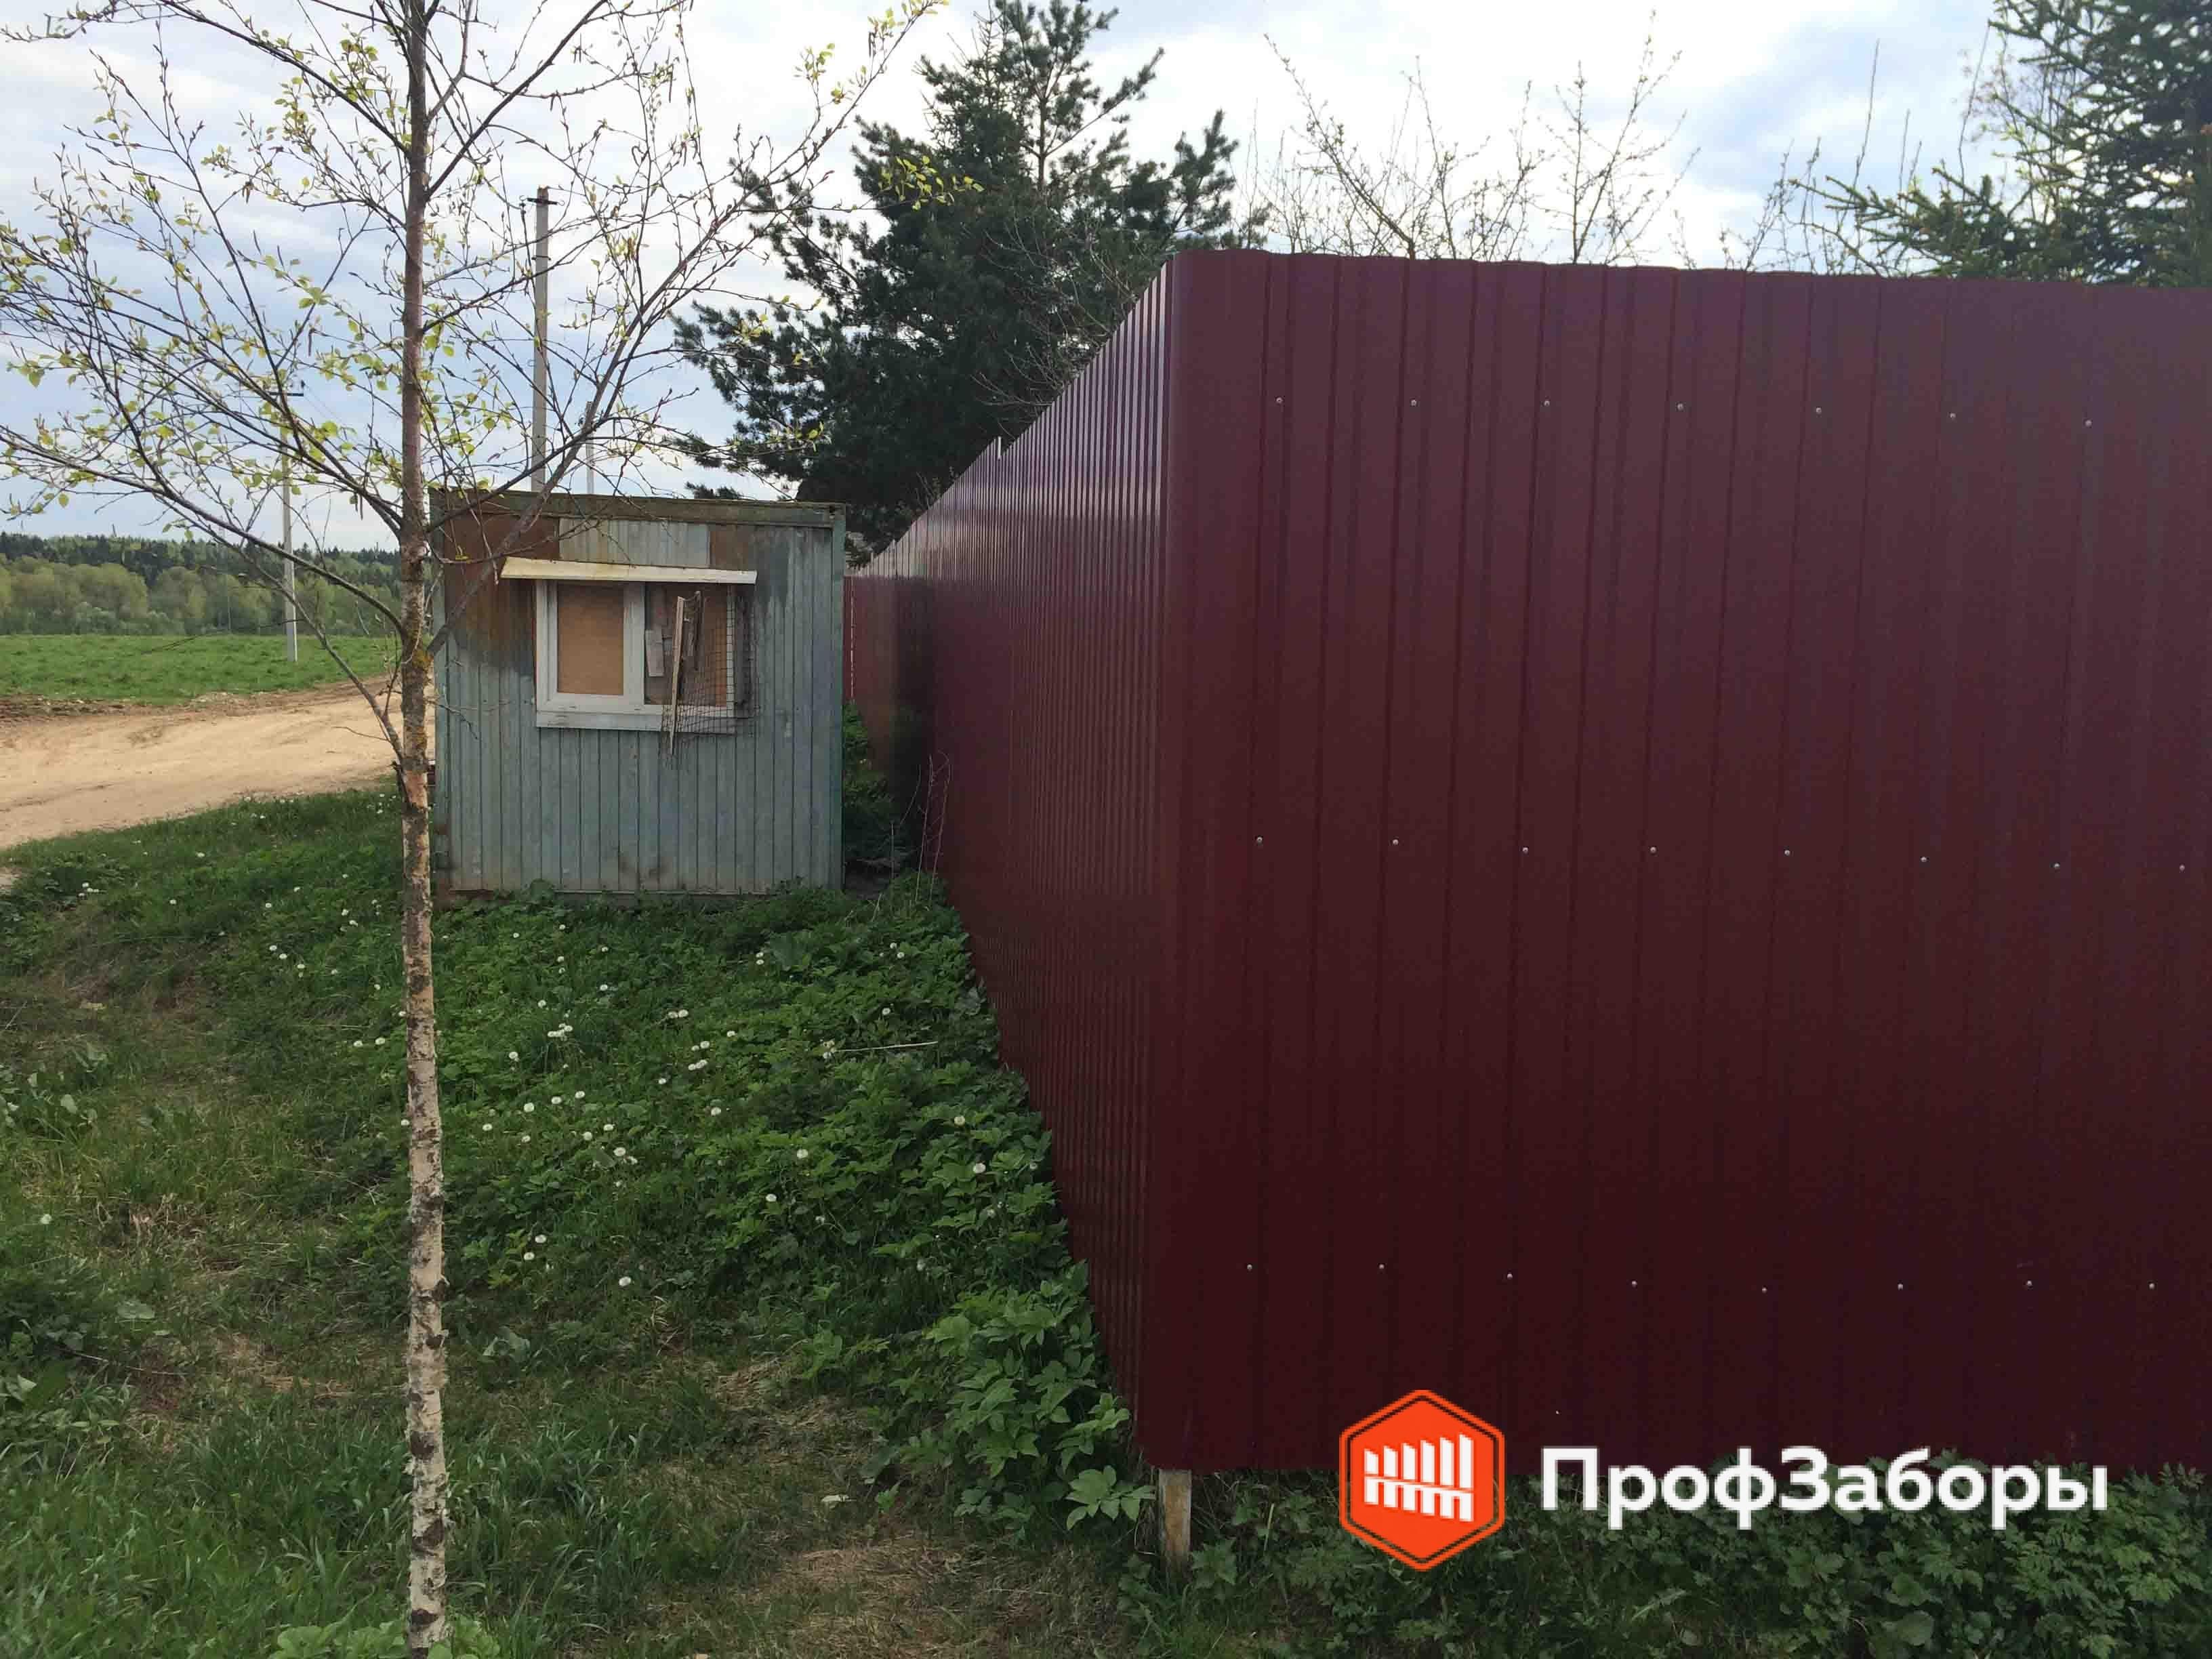 Заборы Из профнастила  - Городское поселение Электроугли. Фото 2